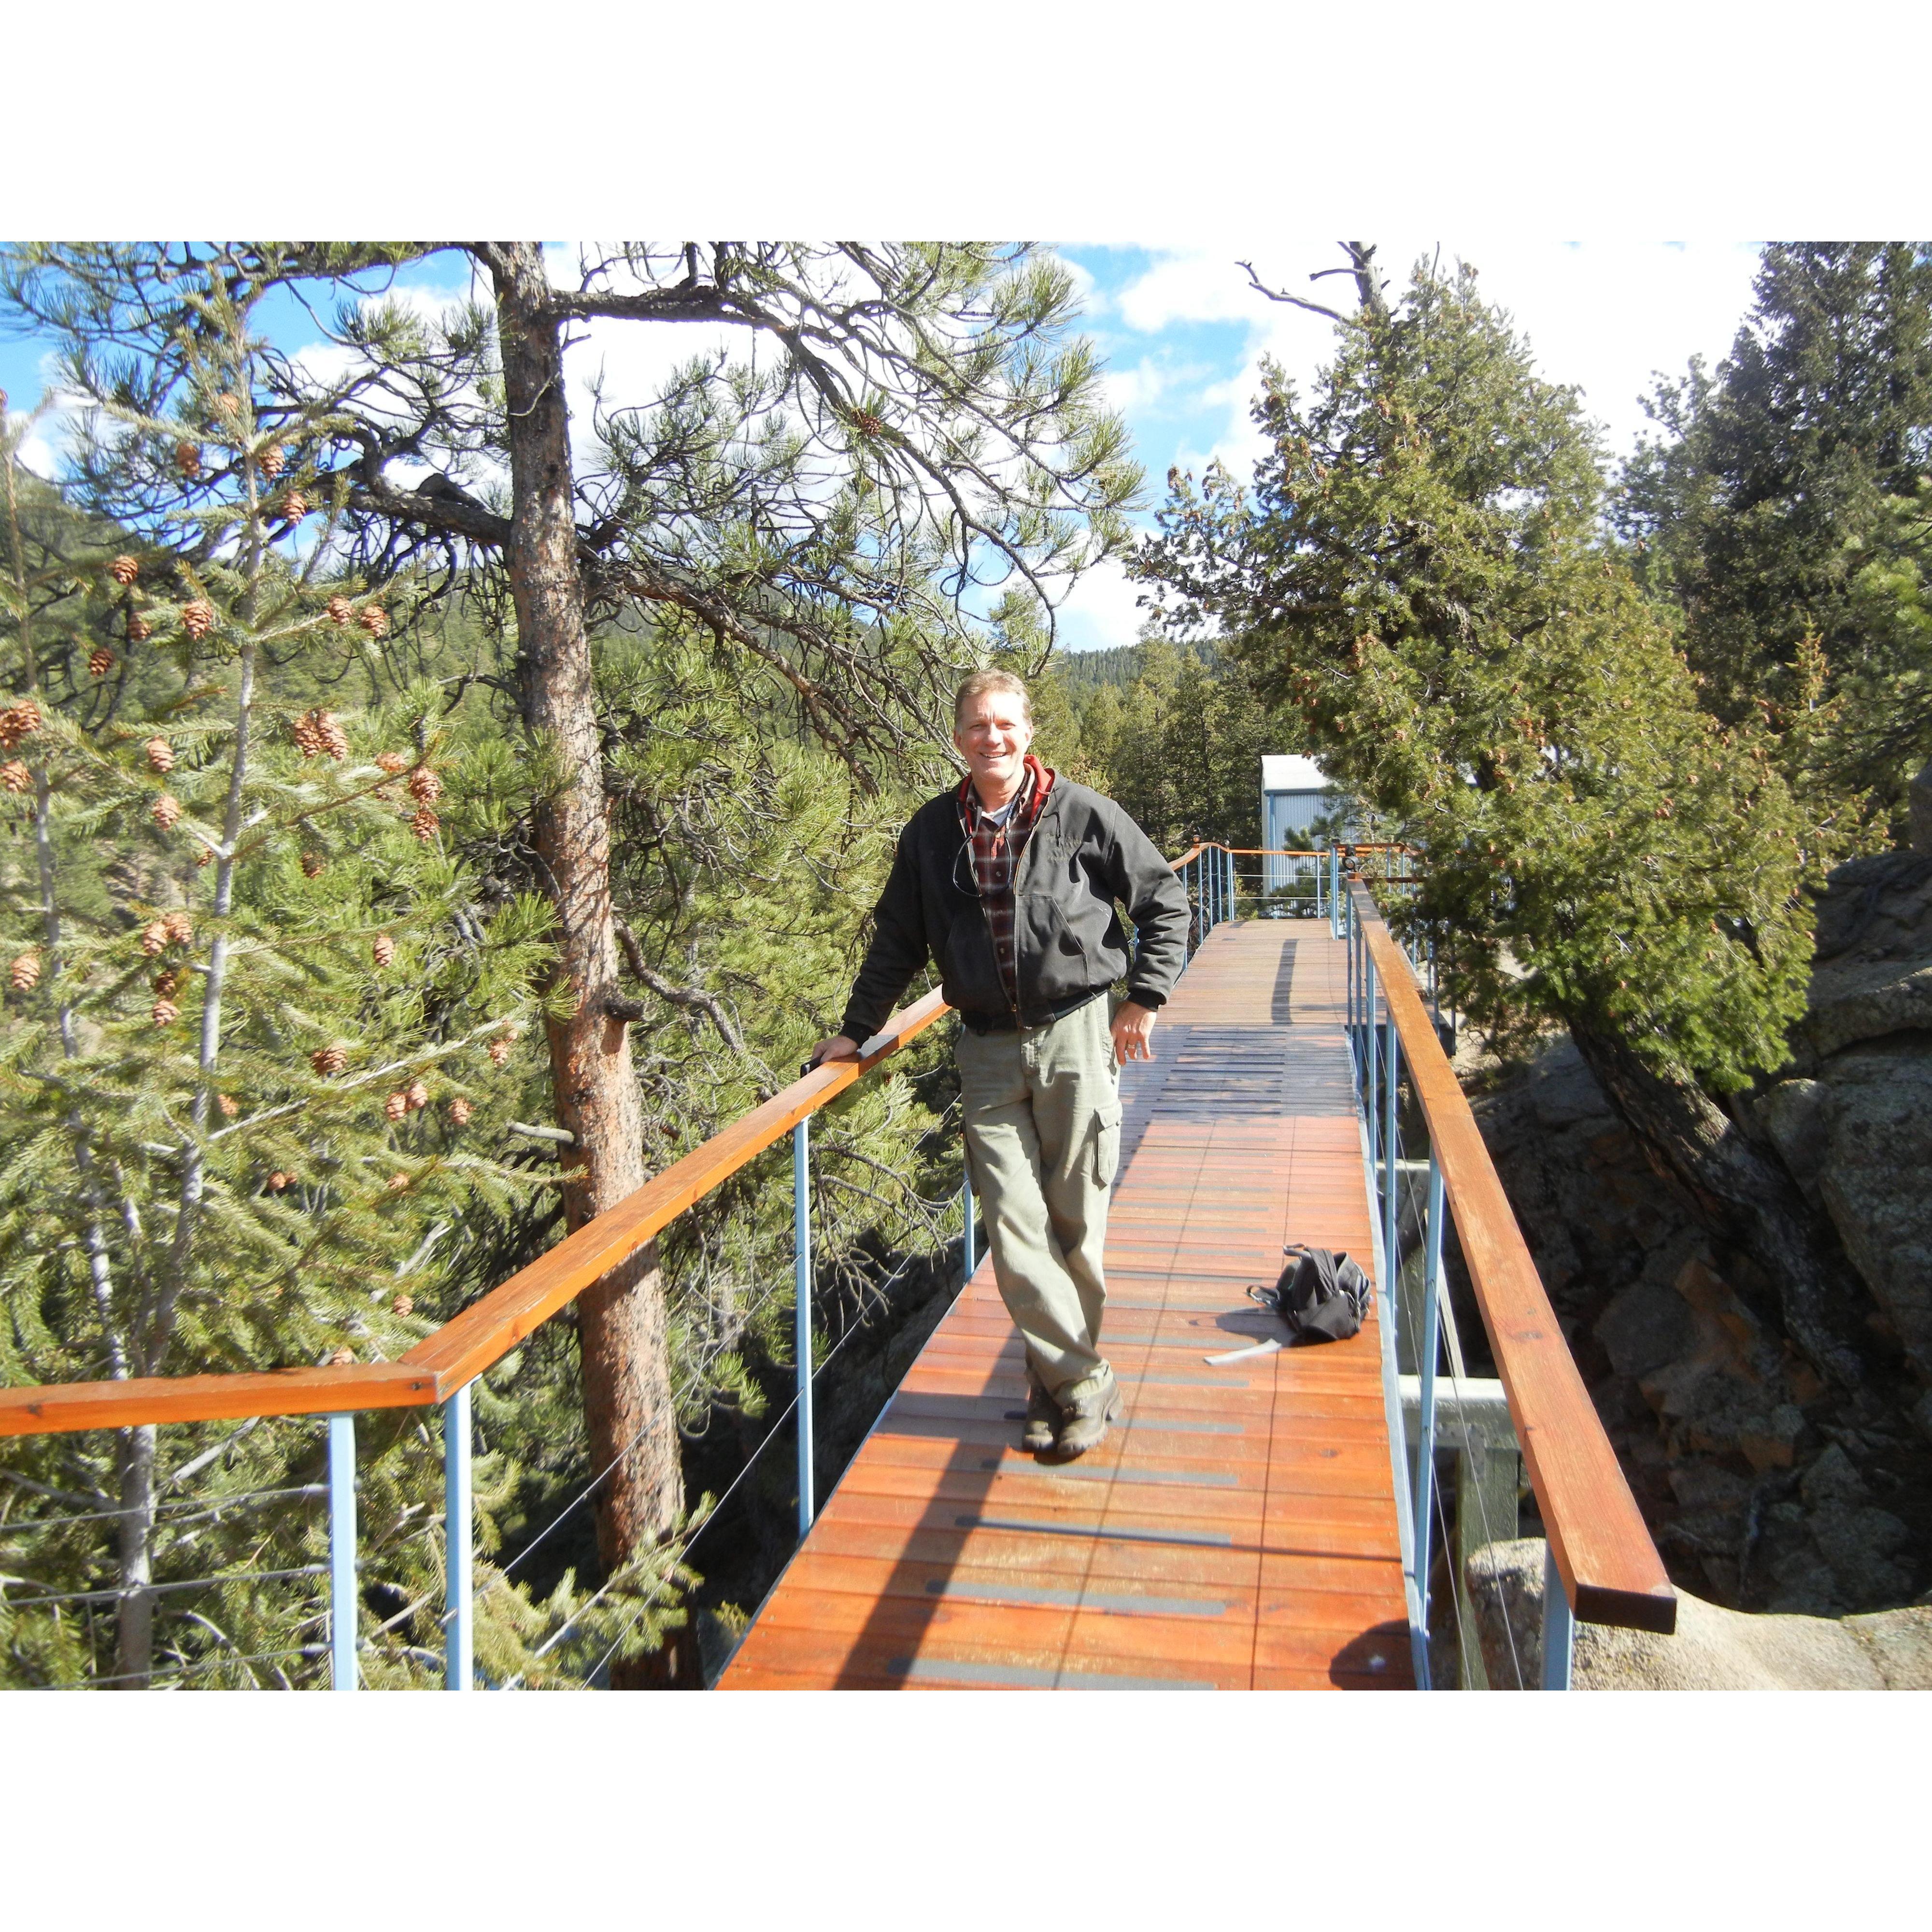 Colorado Tree Arborist